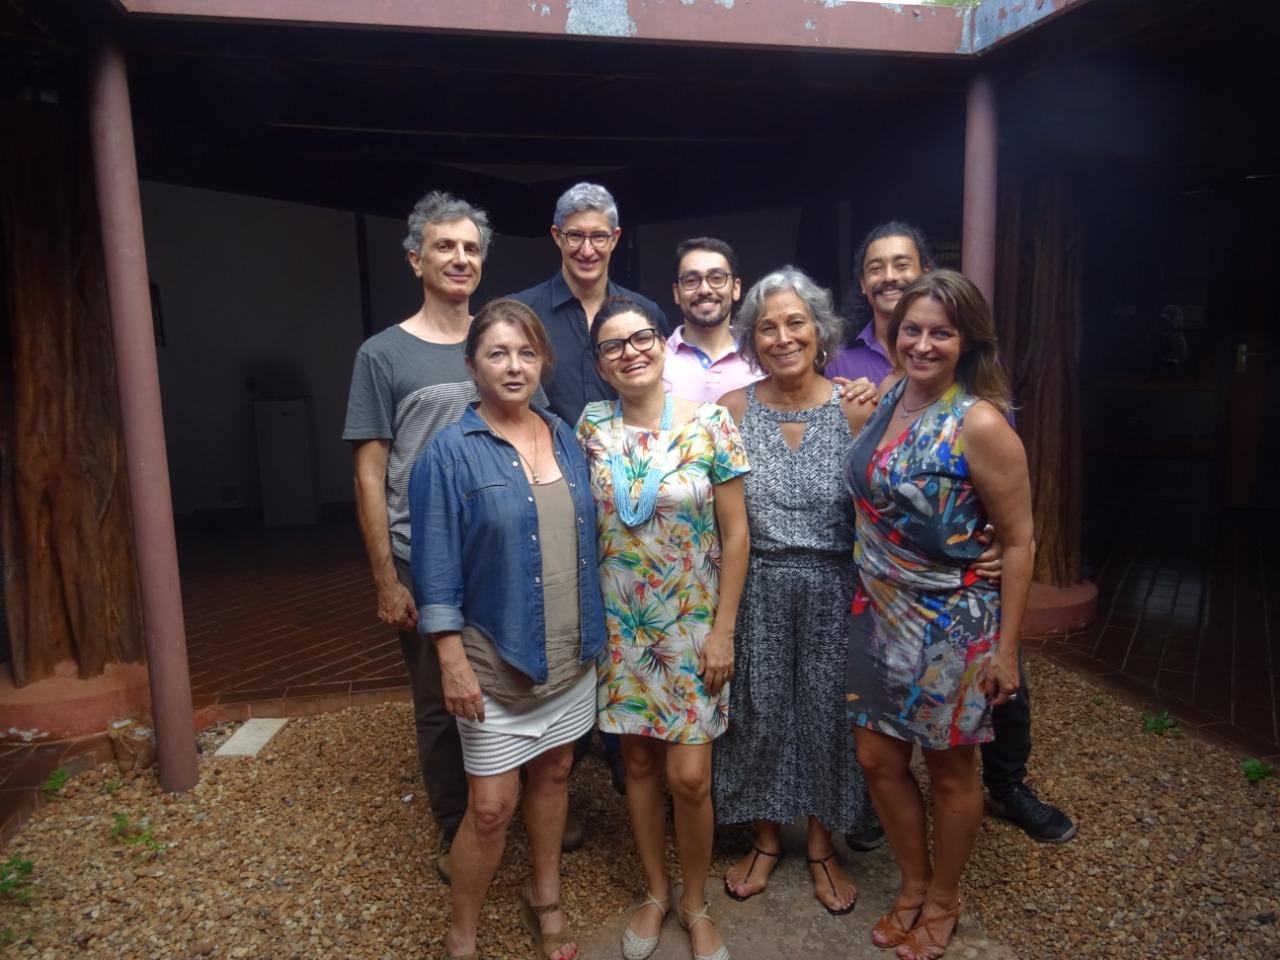 O NEVIS está sob nova coordenação. A gestão 2021/2022 tem como Coordenadora a Prof.ª Cristina Maria Zackseski (FD/UnB) e como Vice-Coordenadora a Prof.ª Analia Soria Batista (SOL/UnB).